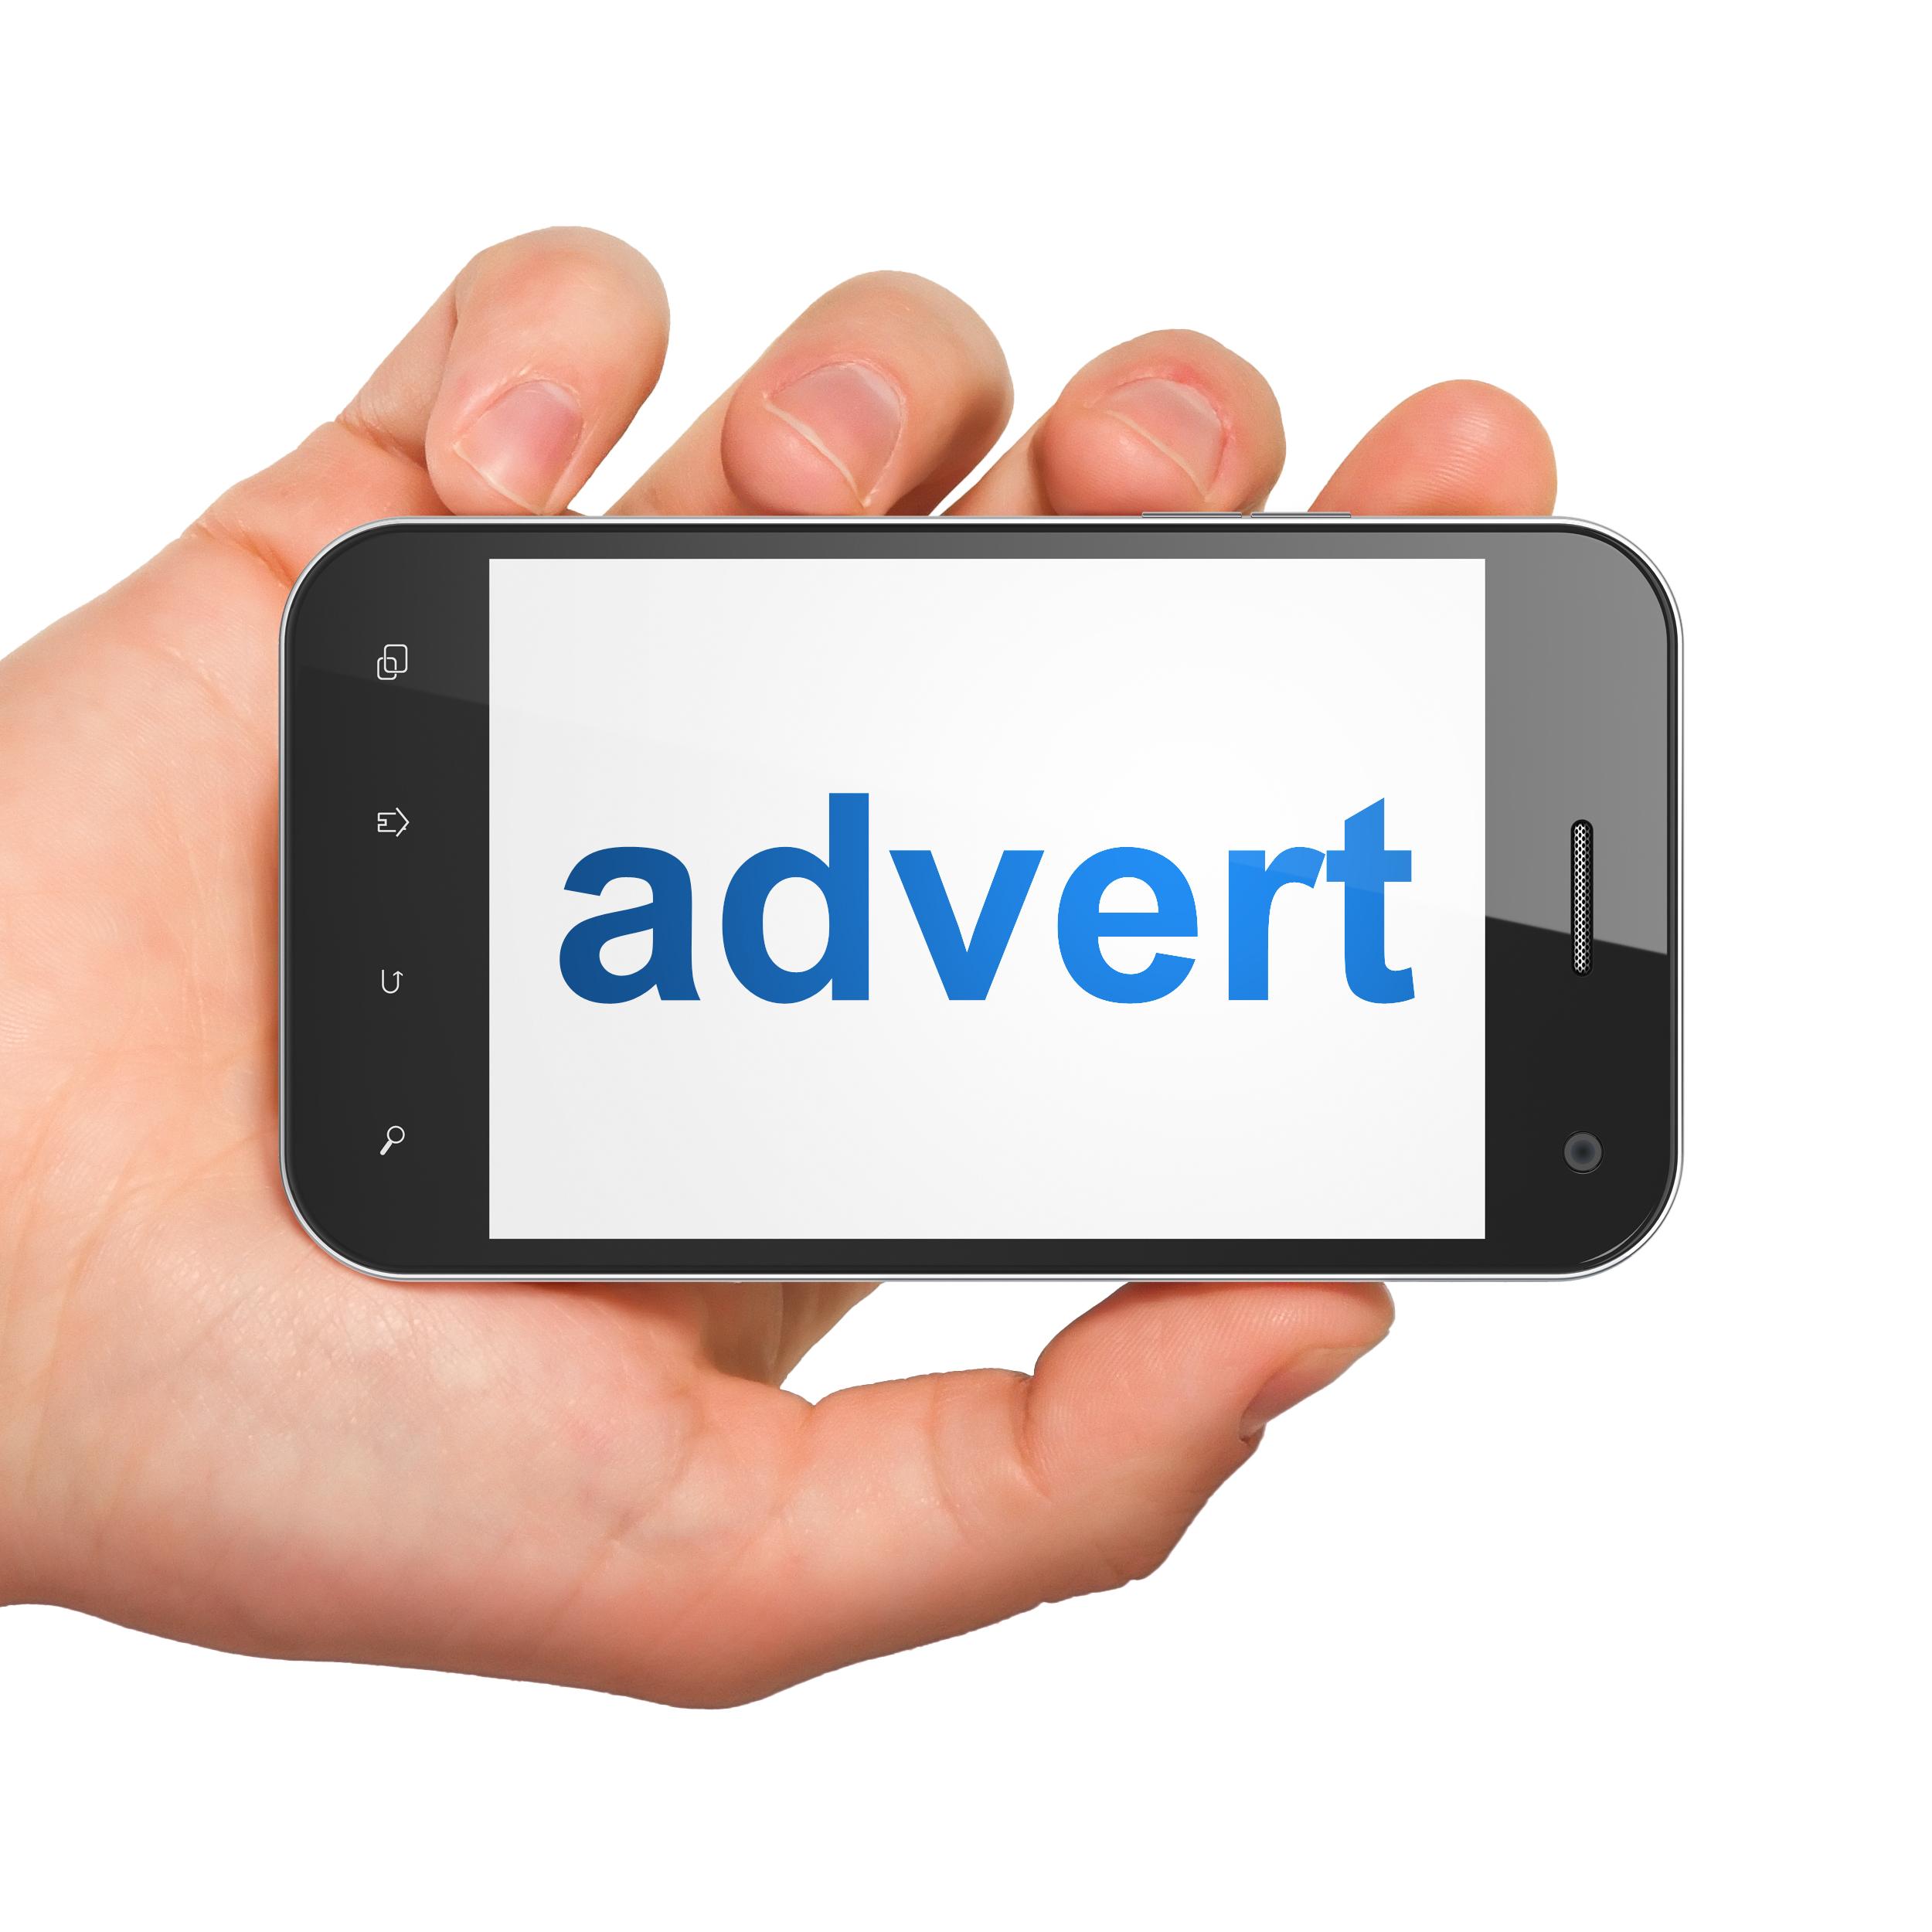 Как отключить рекламу на телефоне